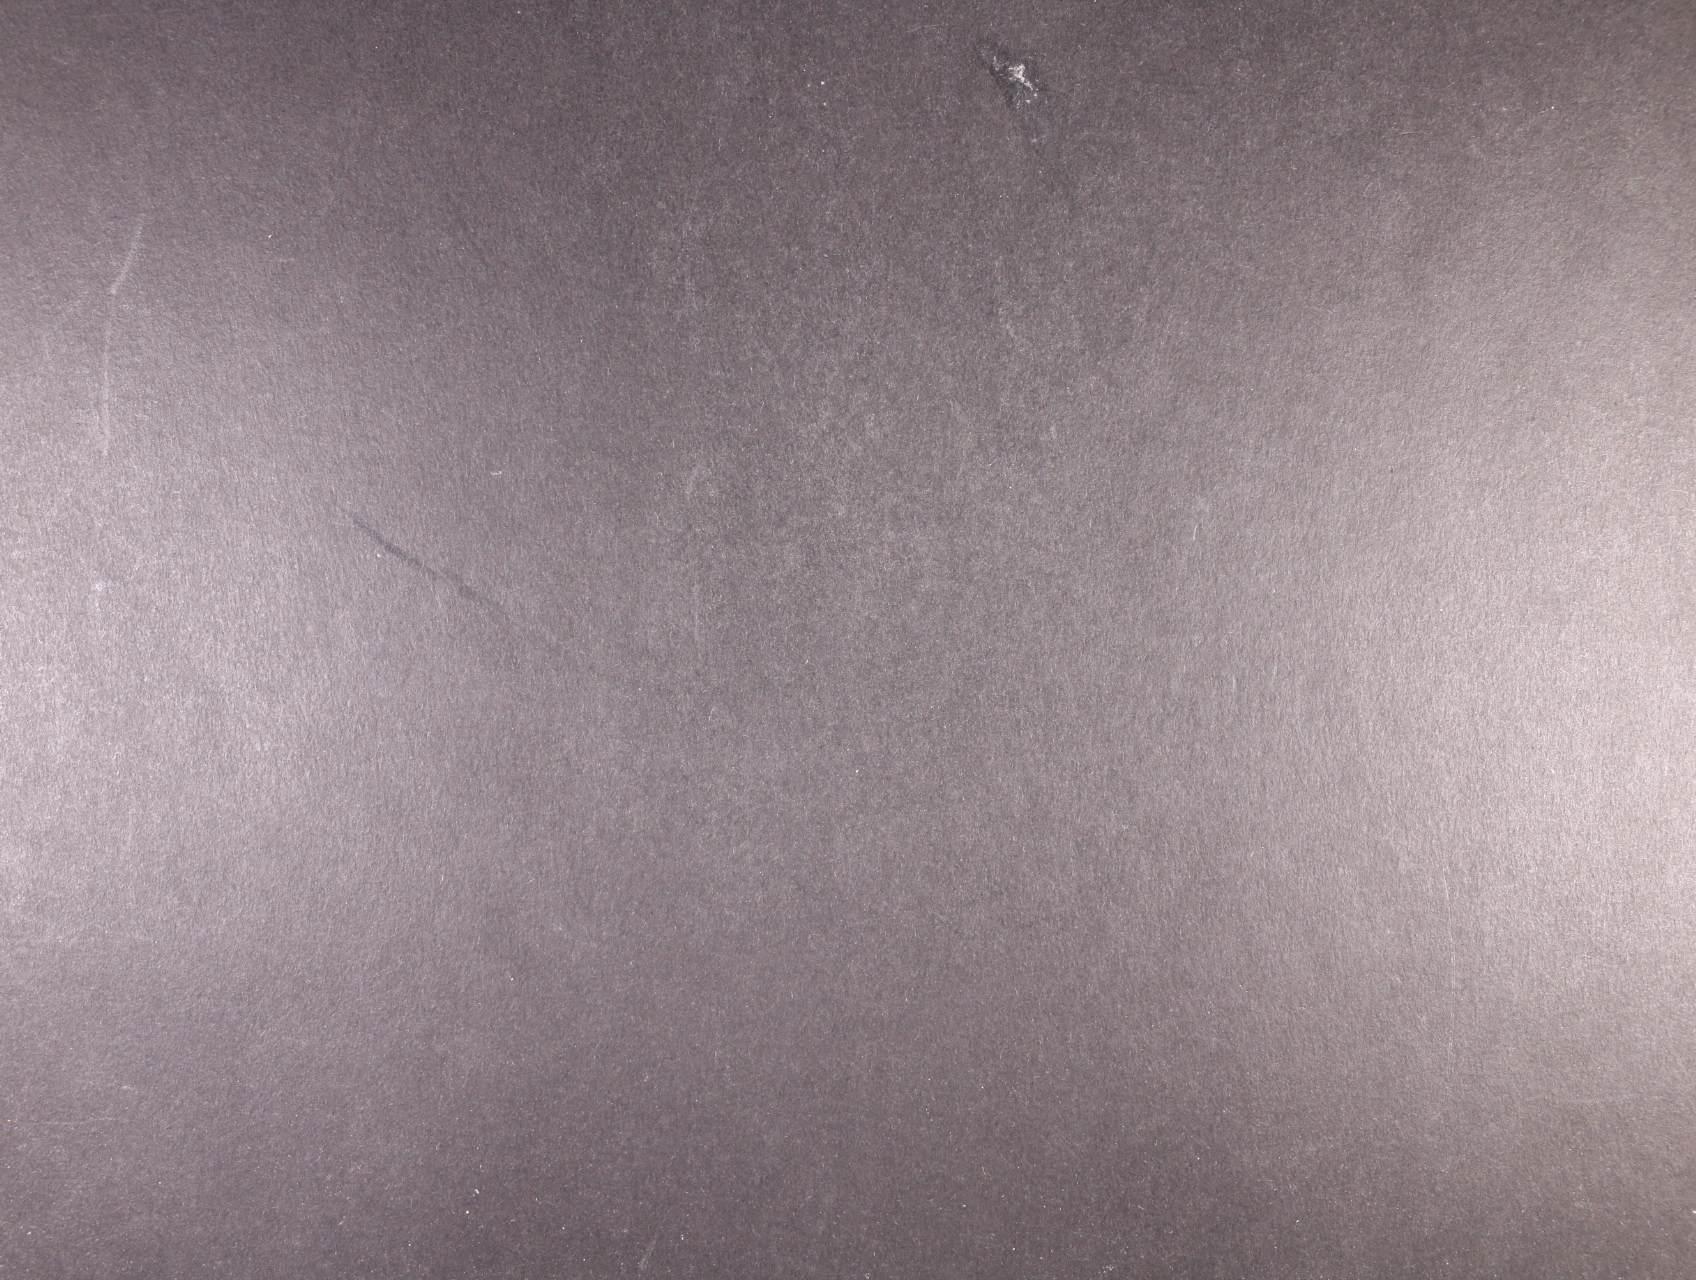 ČSR II - nekompl. sbírka aršíků č. A 408 - 12 (8 typů) a PL z let 1962 - 1989, mj. PL č. 1655, 1718, 1783-5, 1727-1729, 2001 - 3, L 50 - L 53, L 74 - L 79, kat. cena 17600 Kč, uloženo na zasklených listech v pér. deskách